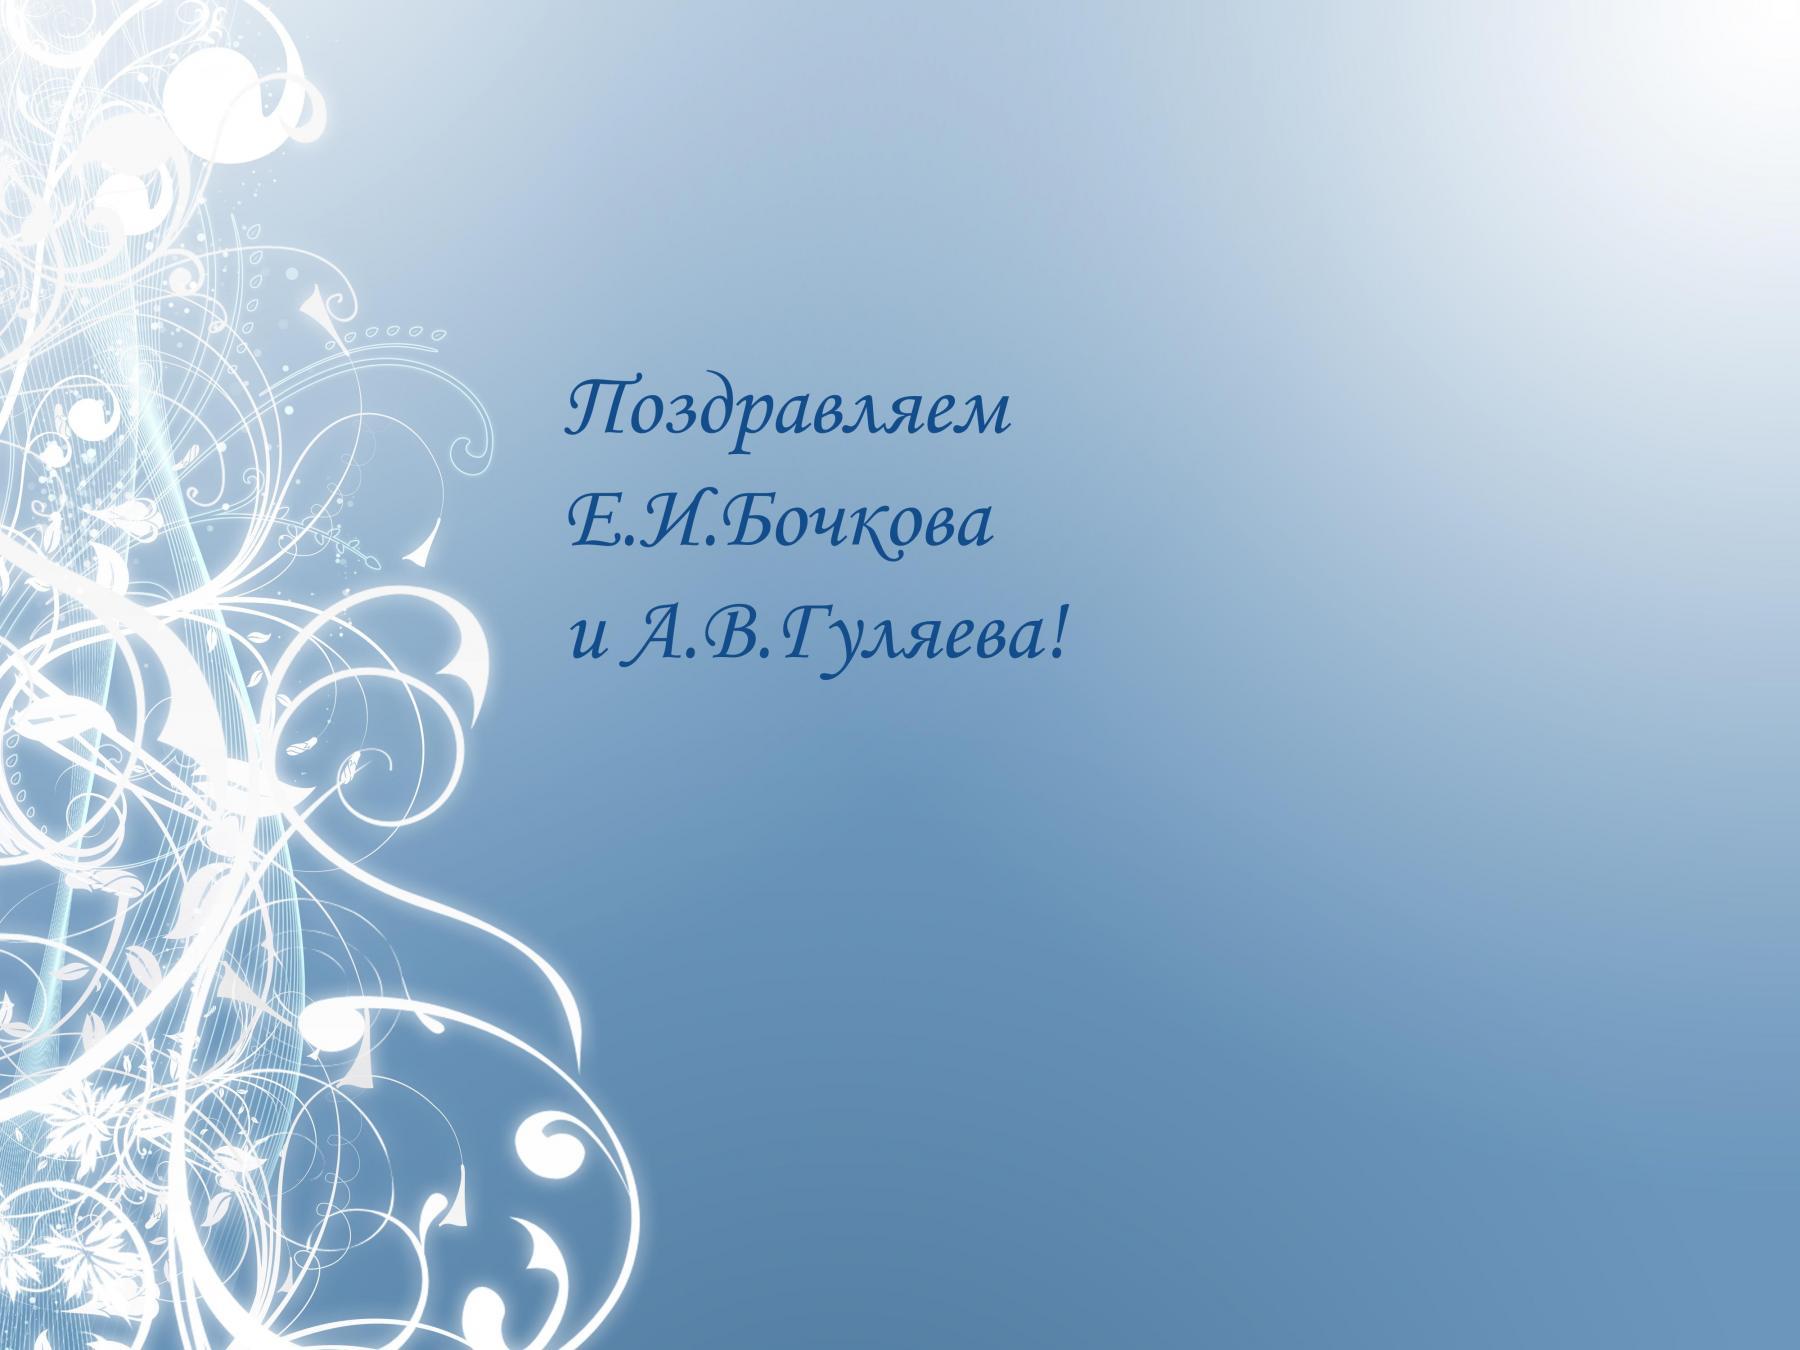 Поздравляем  Е.И. Бочкова и А.В. Гуляева с защитой диссертаций!